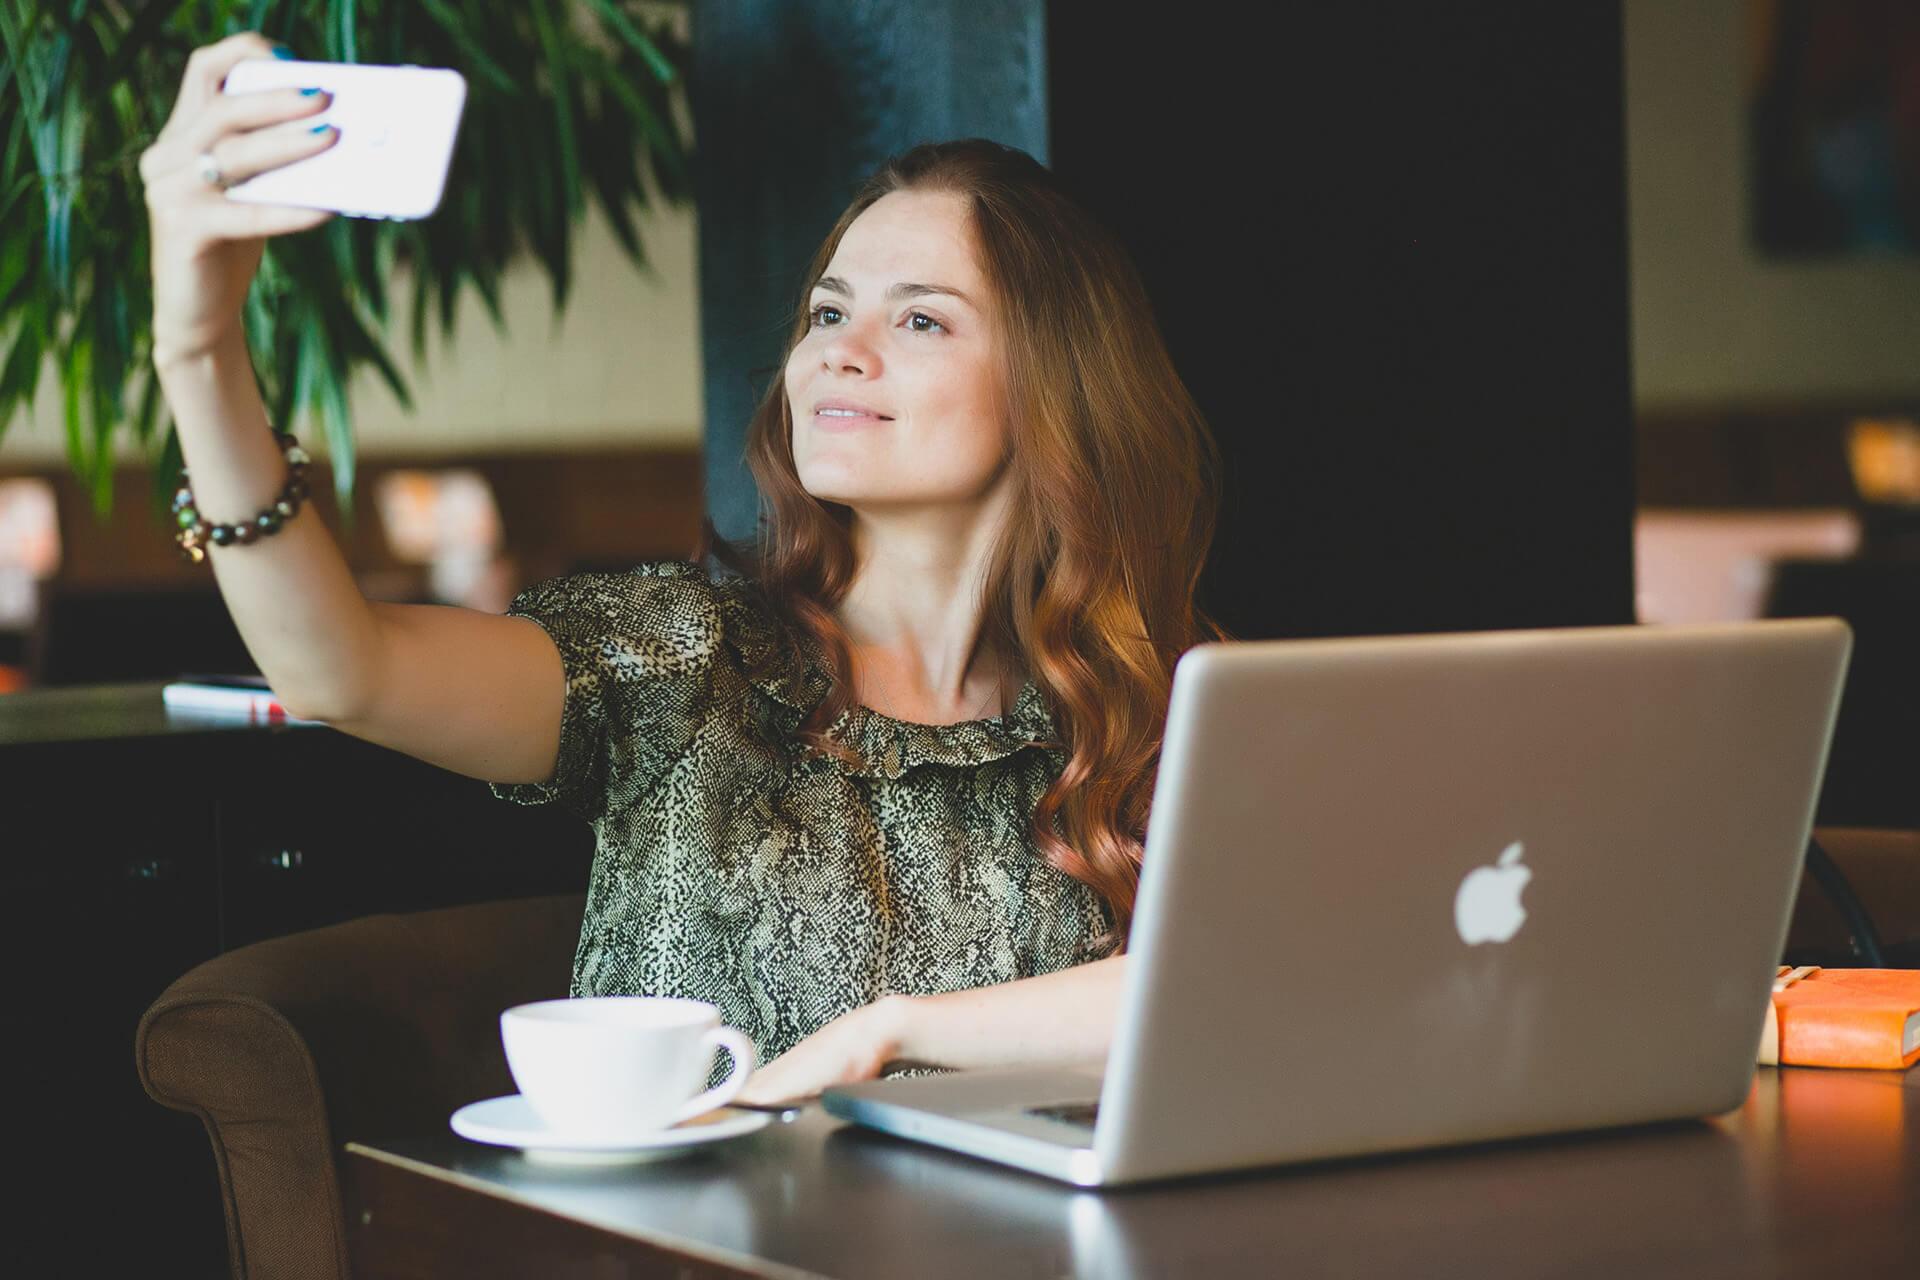 Девушка снимает себя на смартфон ifone